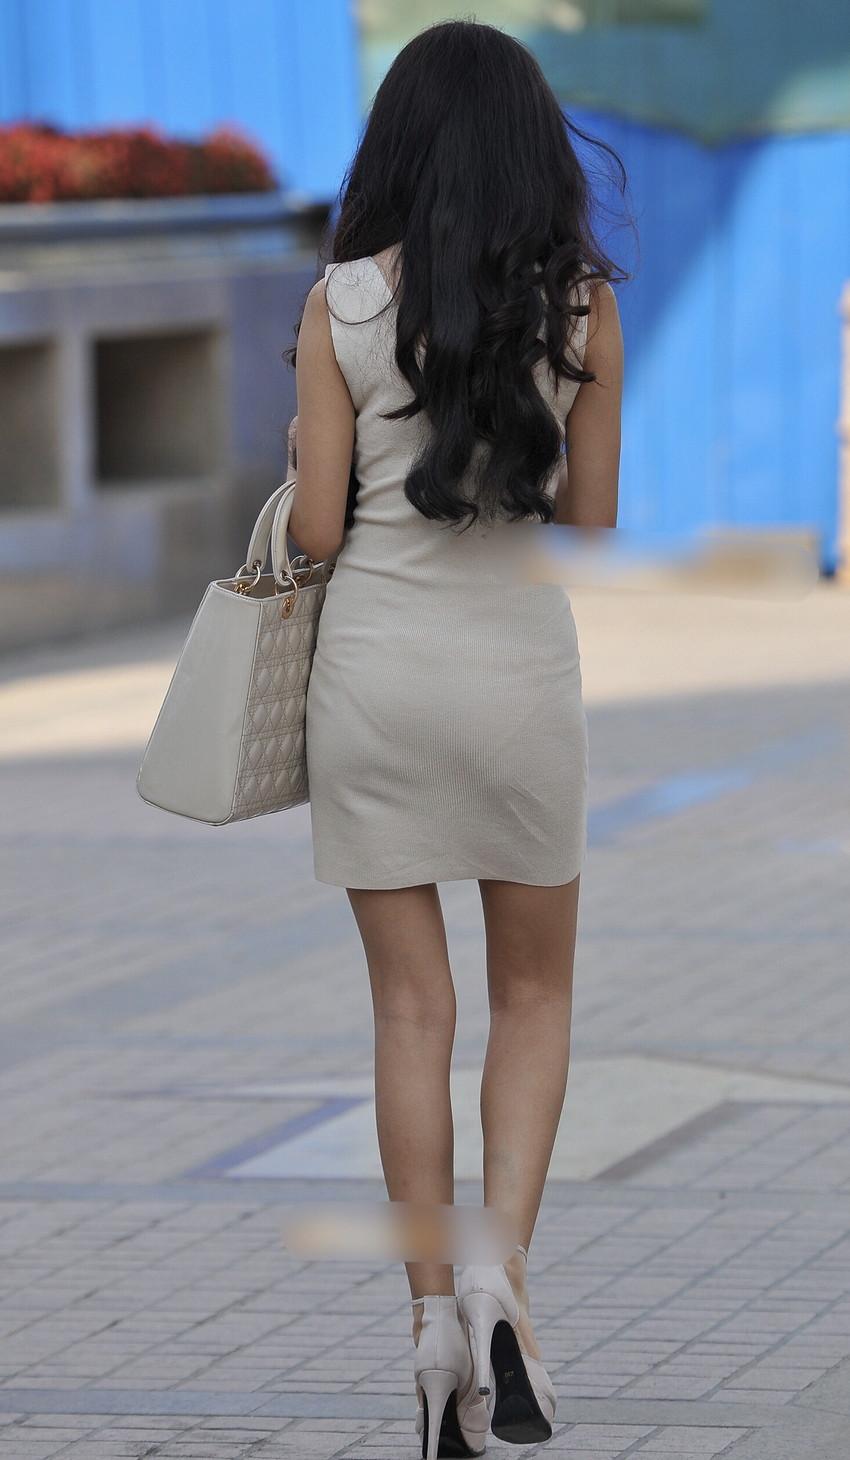 【ミニスカワンピエロ画像】ミニスカワンピ女子のパンチラを覗いたり服の中に手を突っ込み着衣セックスしてるミニスカワンピのエロ画像集!ww【80枚】 52